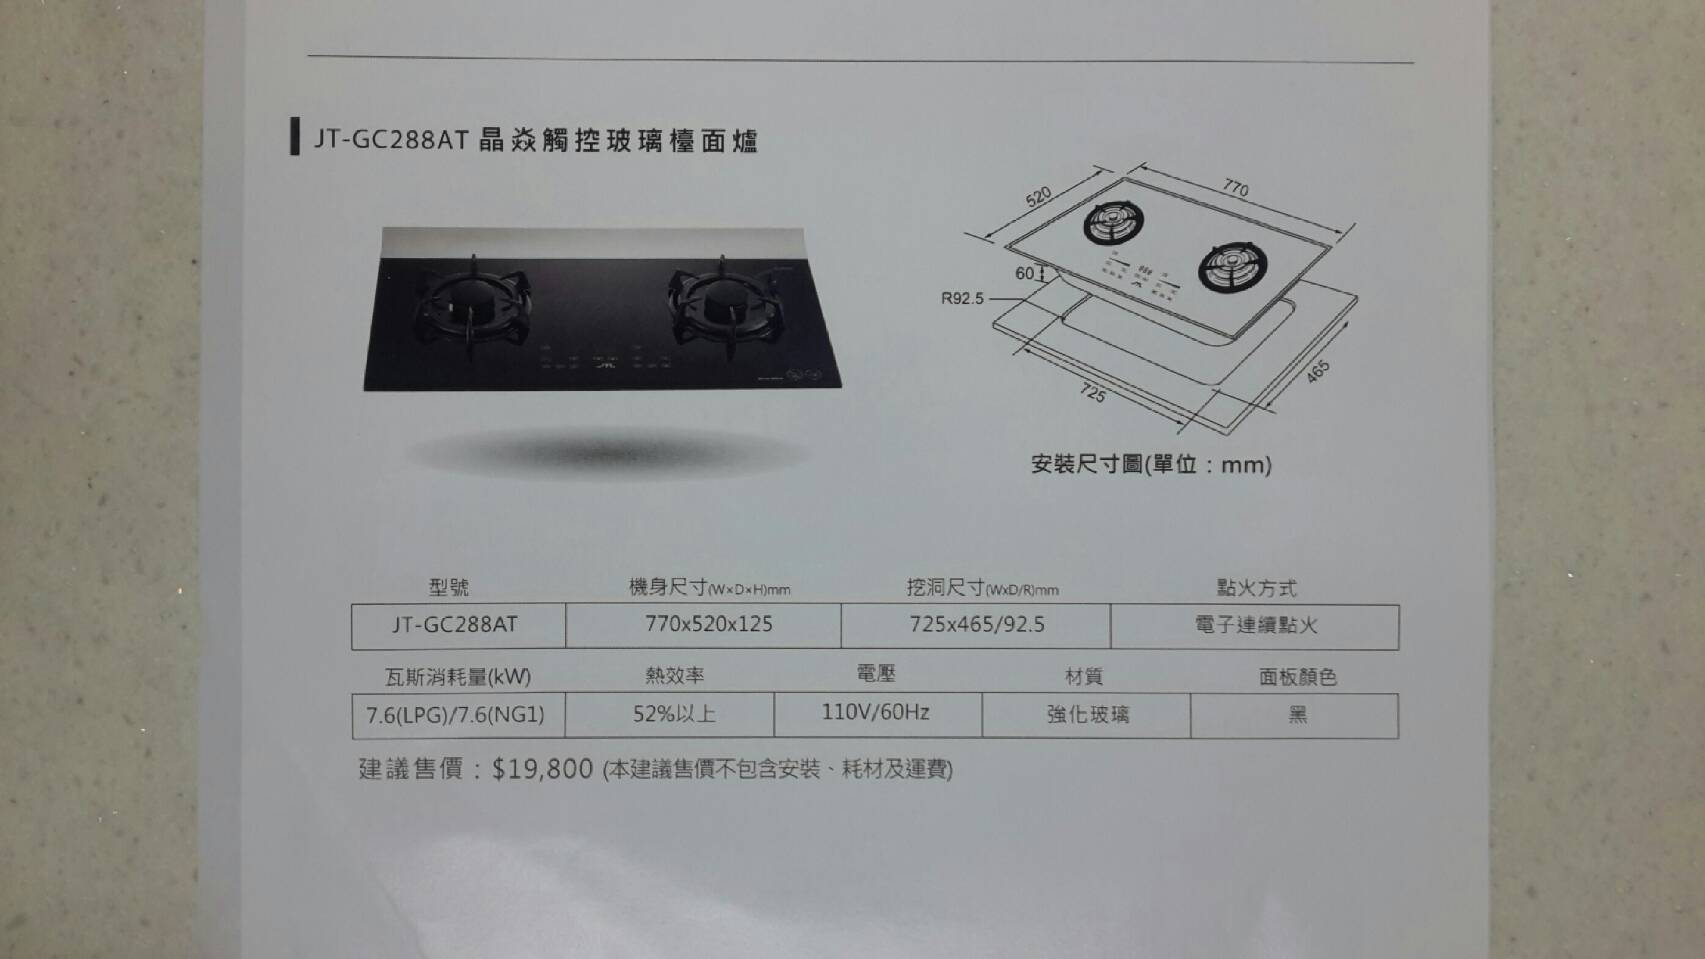 喜特麗JT-GC288AT iLife 智能連動烹飪組-晶焱觸控玻璃檯面爐☆來電特價☆0983375500☆ - 20170701125052-885198935.jpg(圖)